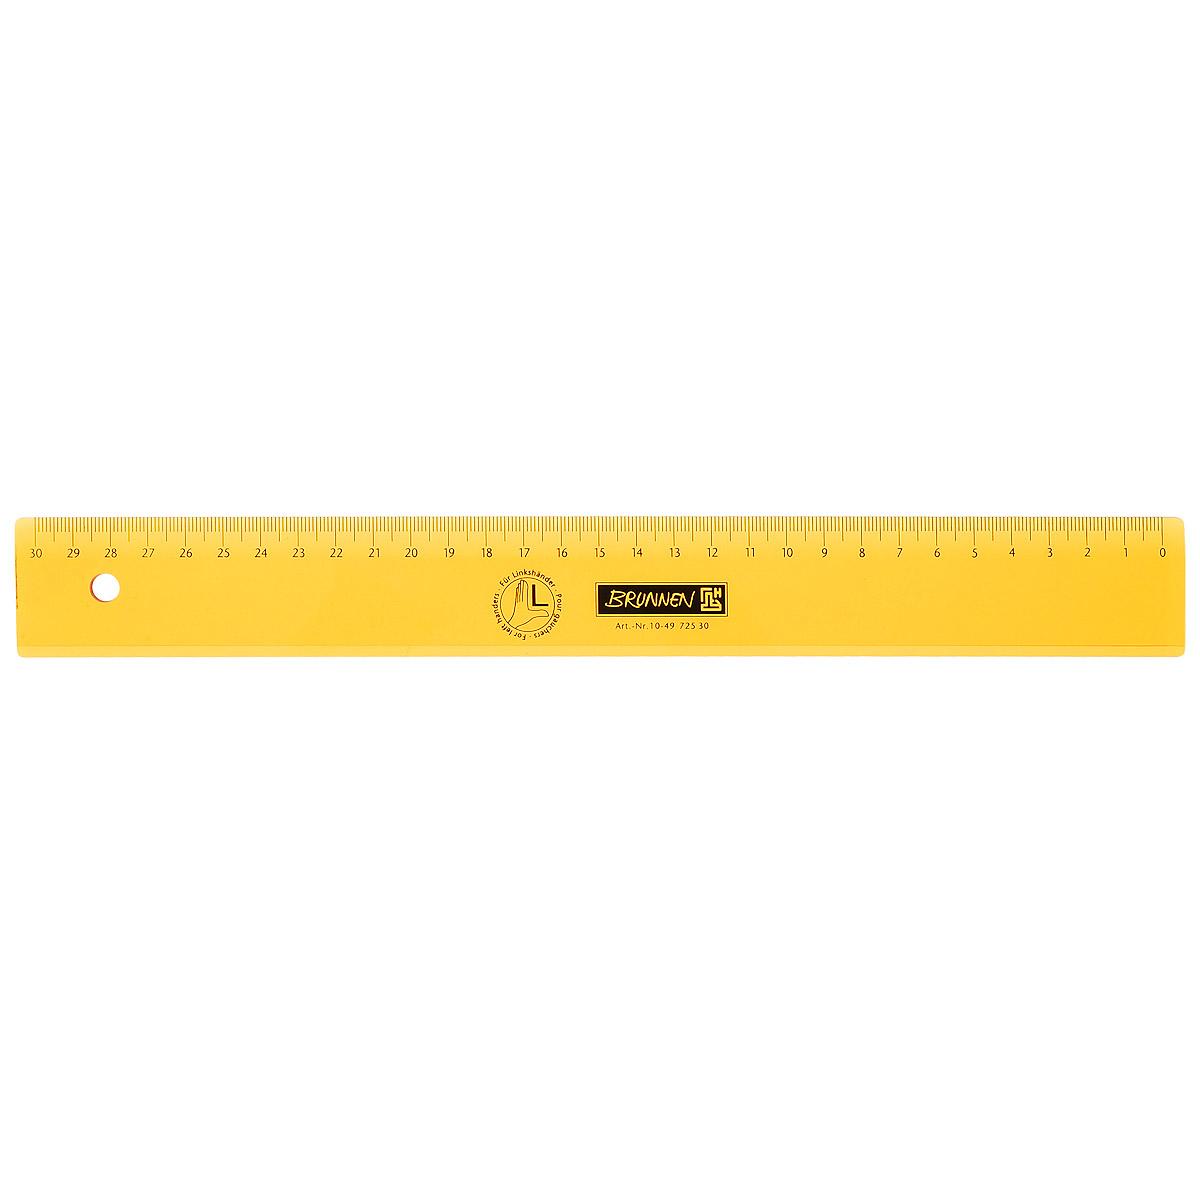 Линейка для левши Brunnen, цвет: желтый, 30 см55050Линейка Brunnen, длиной 30 см, выполнена из прозрачного пластика желтого цвета. Линейка предназначена специально для левшей. Шкала на линейке расположена справа налево. Линейка Brunnen - это незаменимый атрибут, необходимый школьнику или студенту, упрощающий измерение и обеспечивающий ровность проводимых линий.